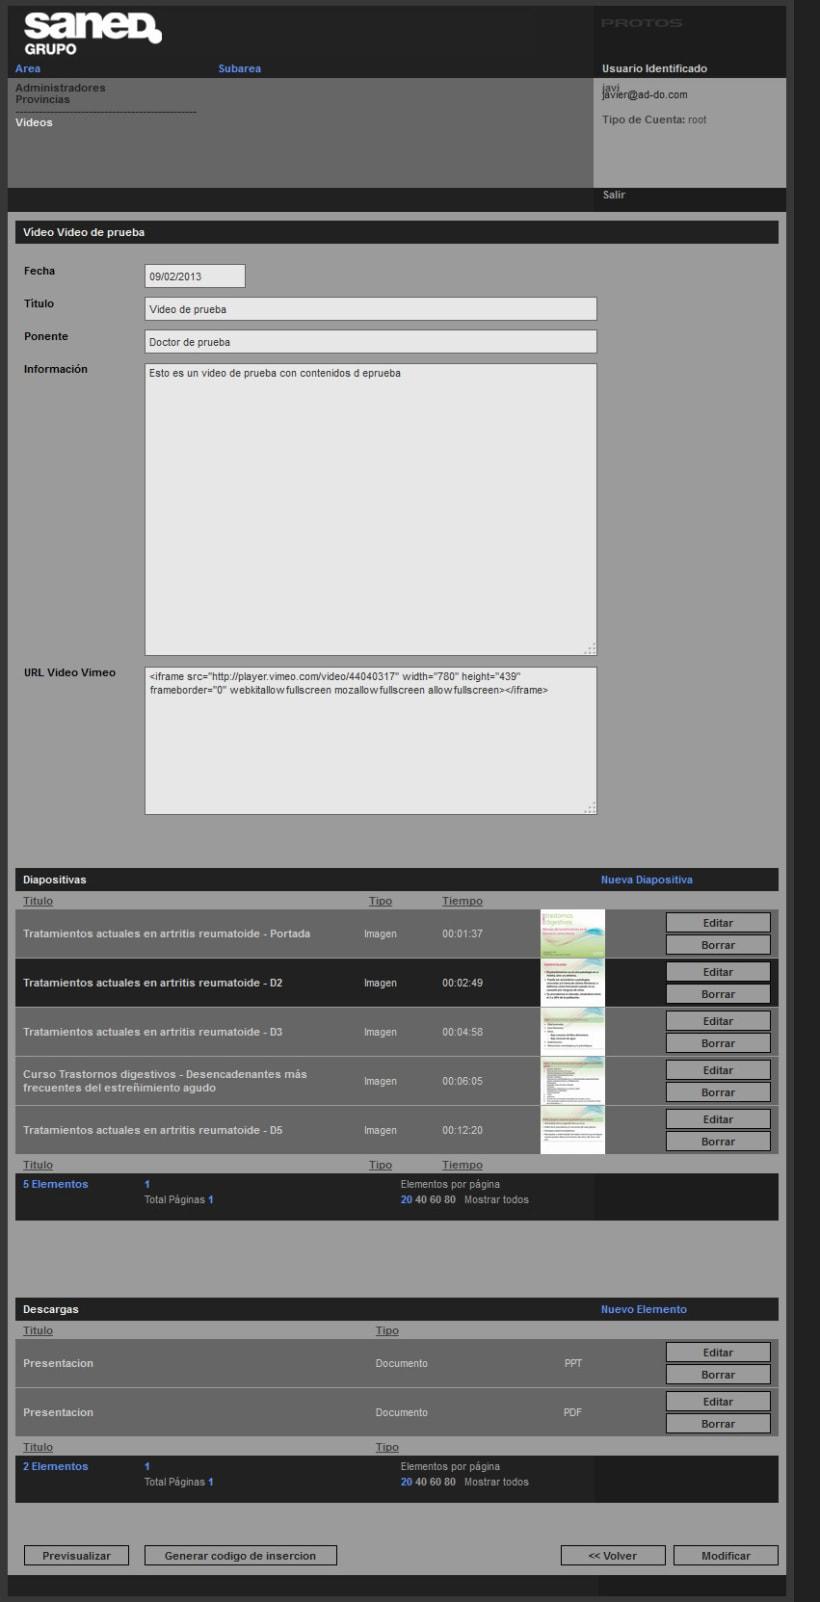 XHTML + Javascript + PHP + MySQL + CMS (Gestor de Contenidos) + Vimeo + Youtube - Sincronización de vídeos y Diapositivas 3